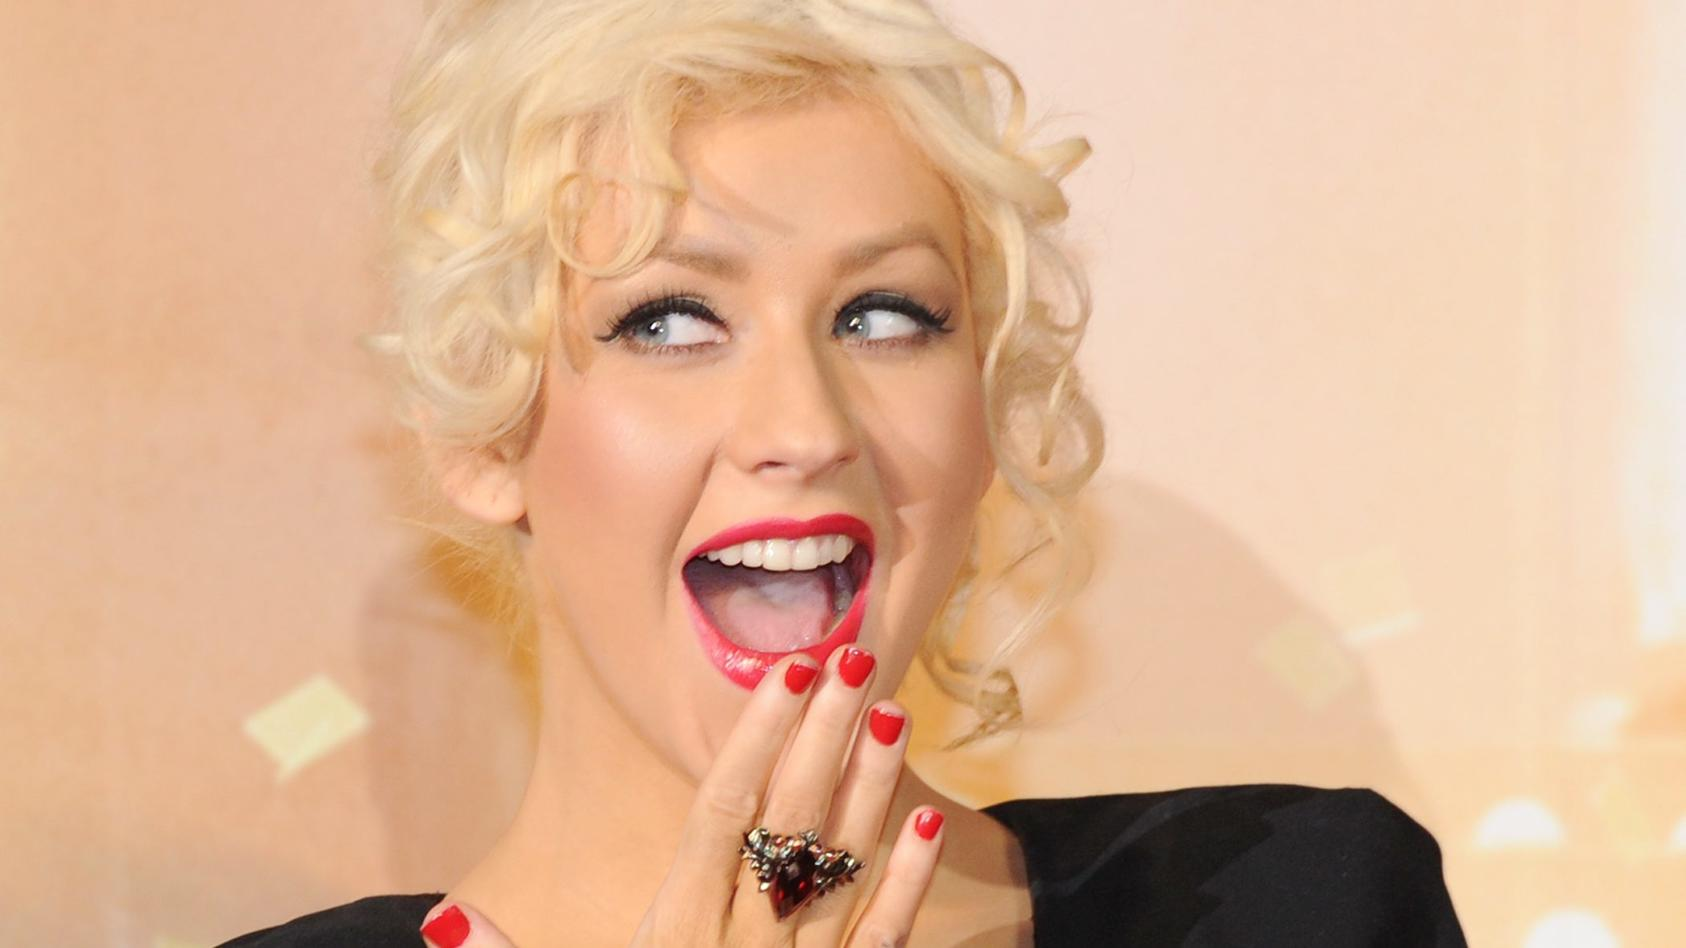 Sängerin Christina Aguilera hat es mit 40 immer noch drauf!